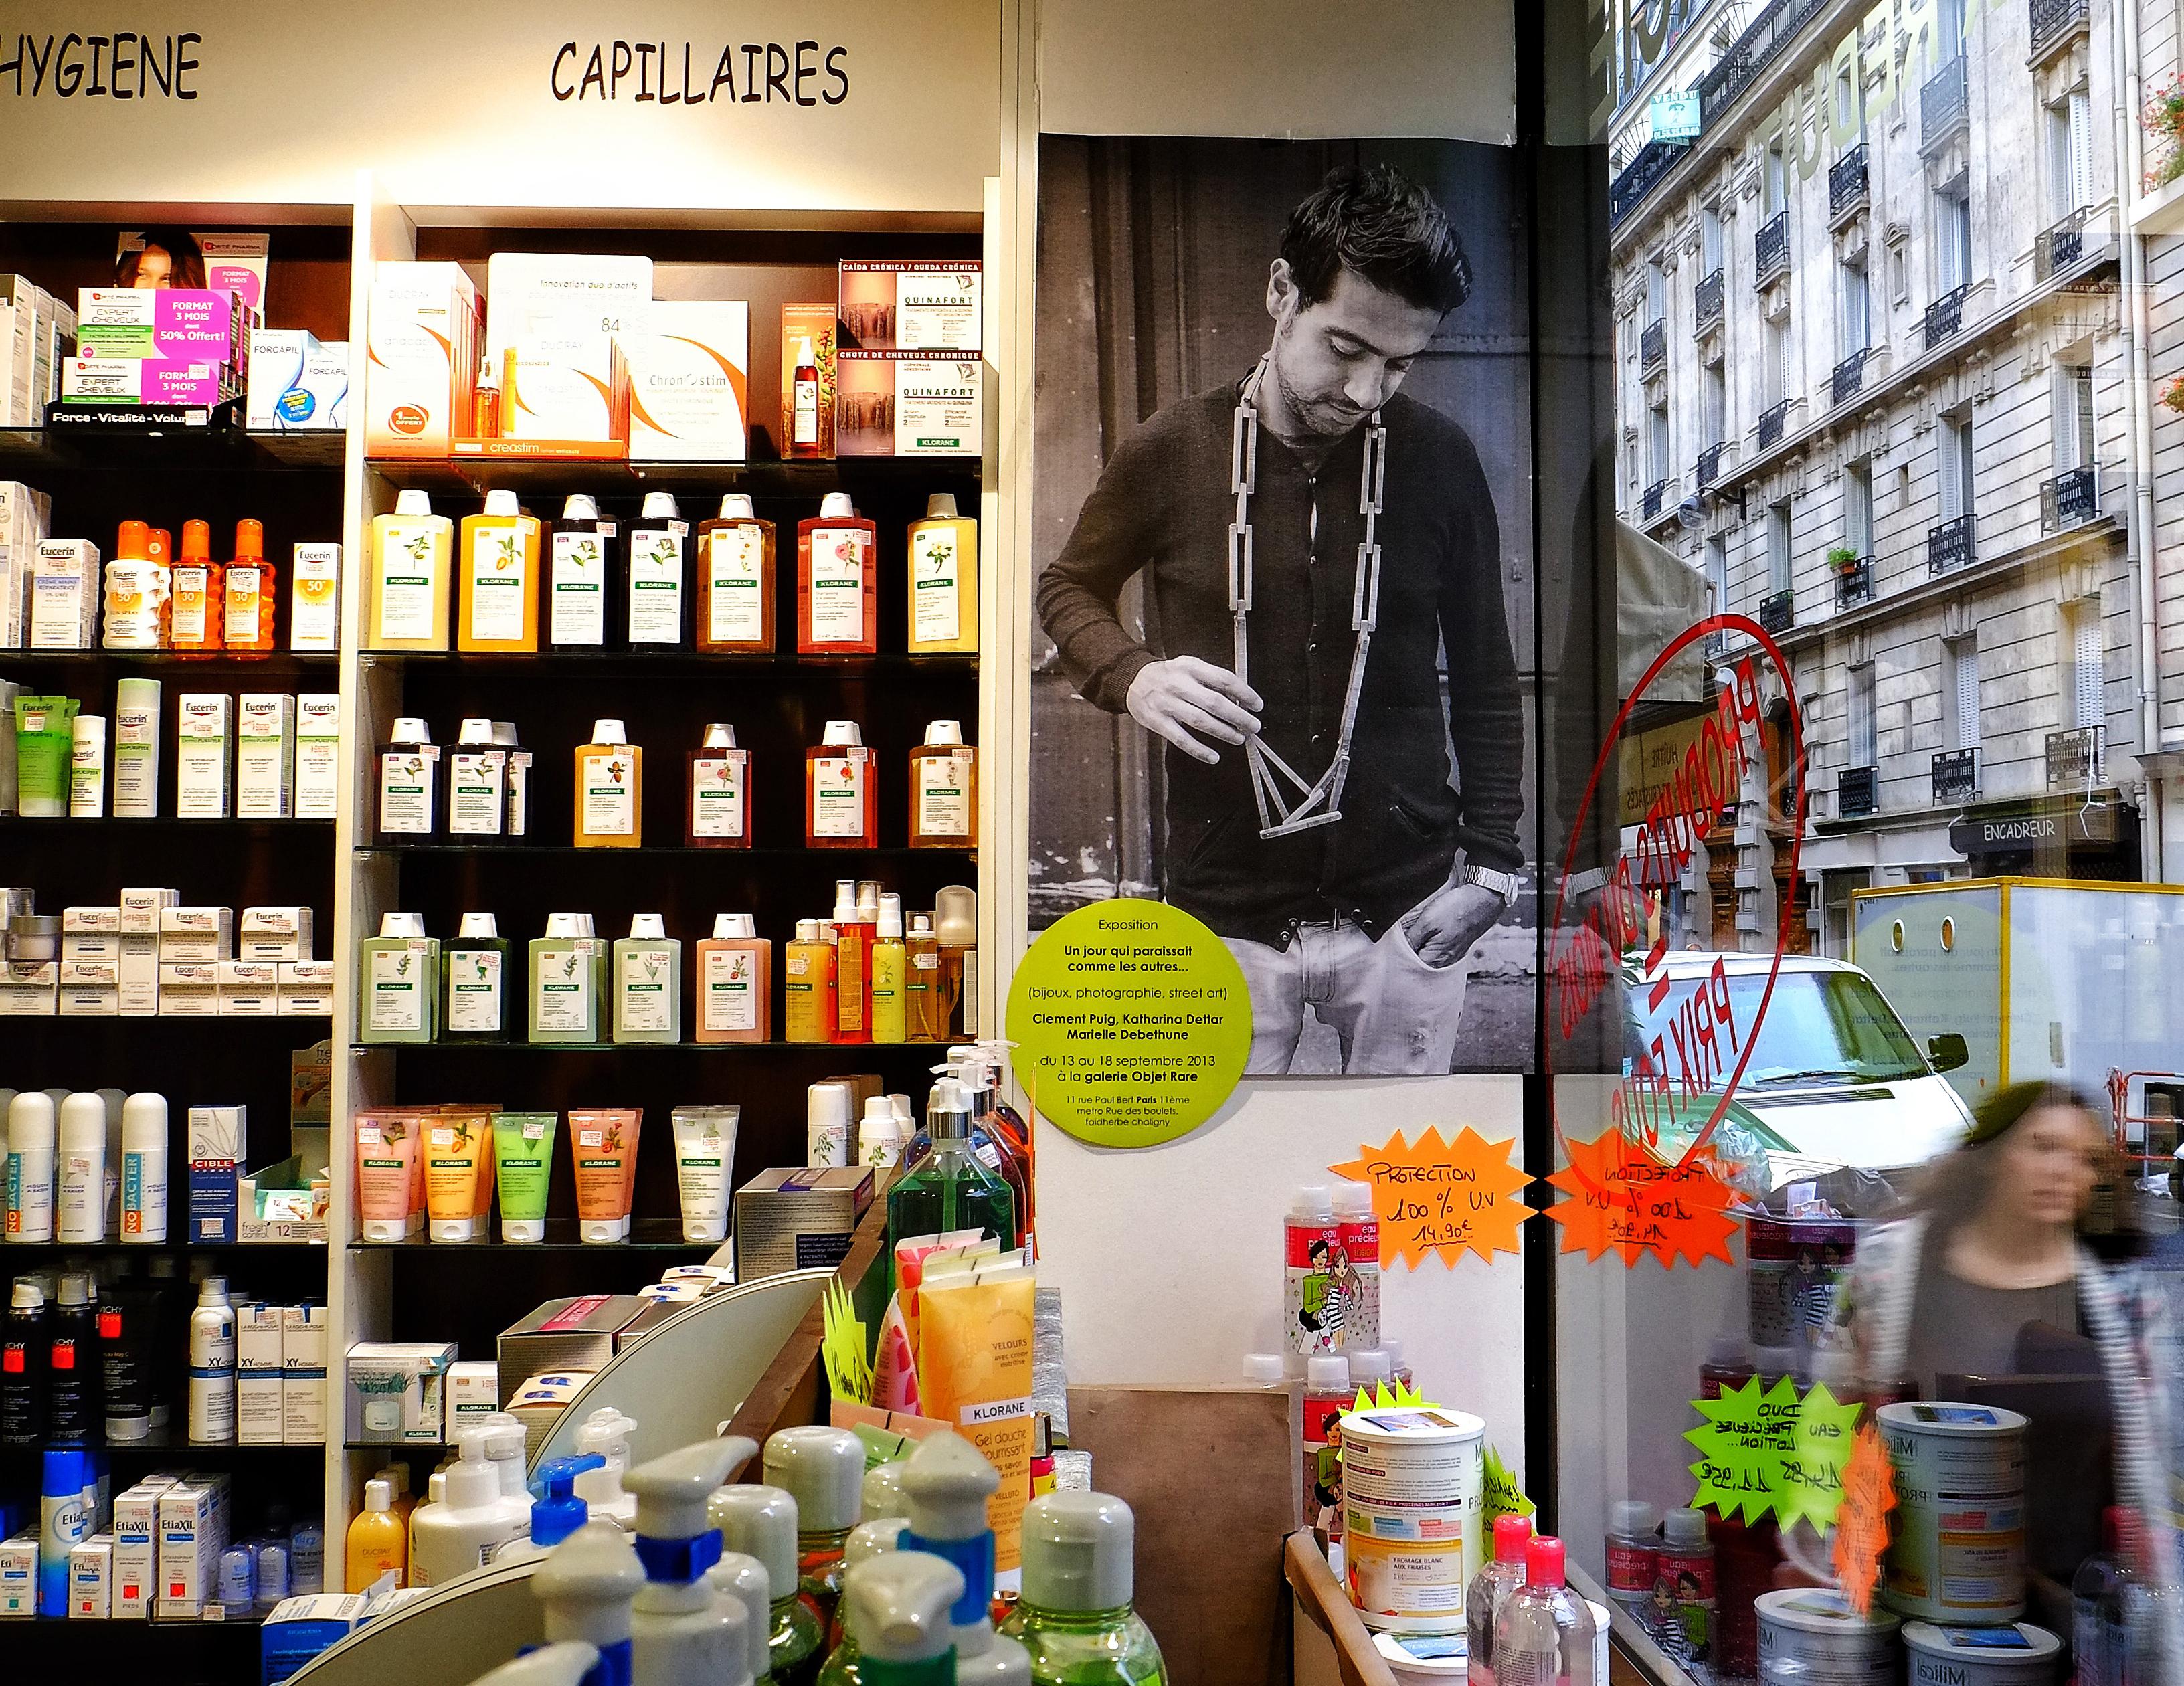 la Pharmacie rue paul bert